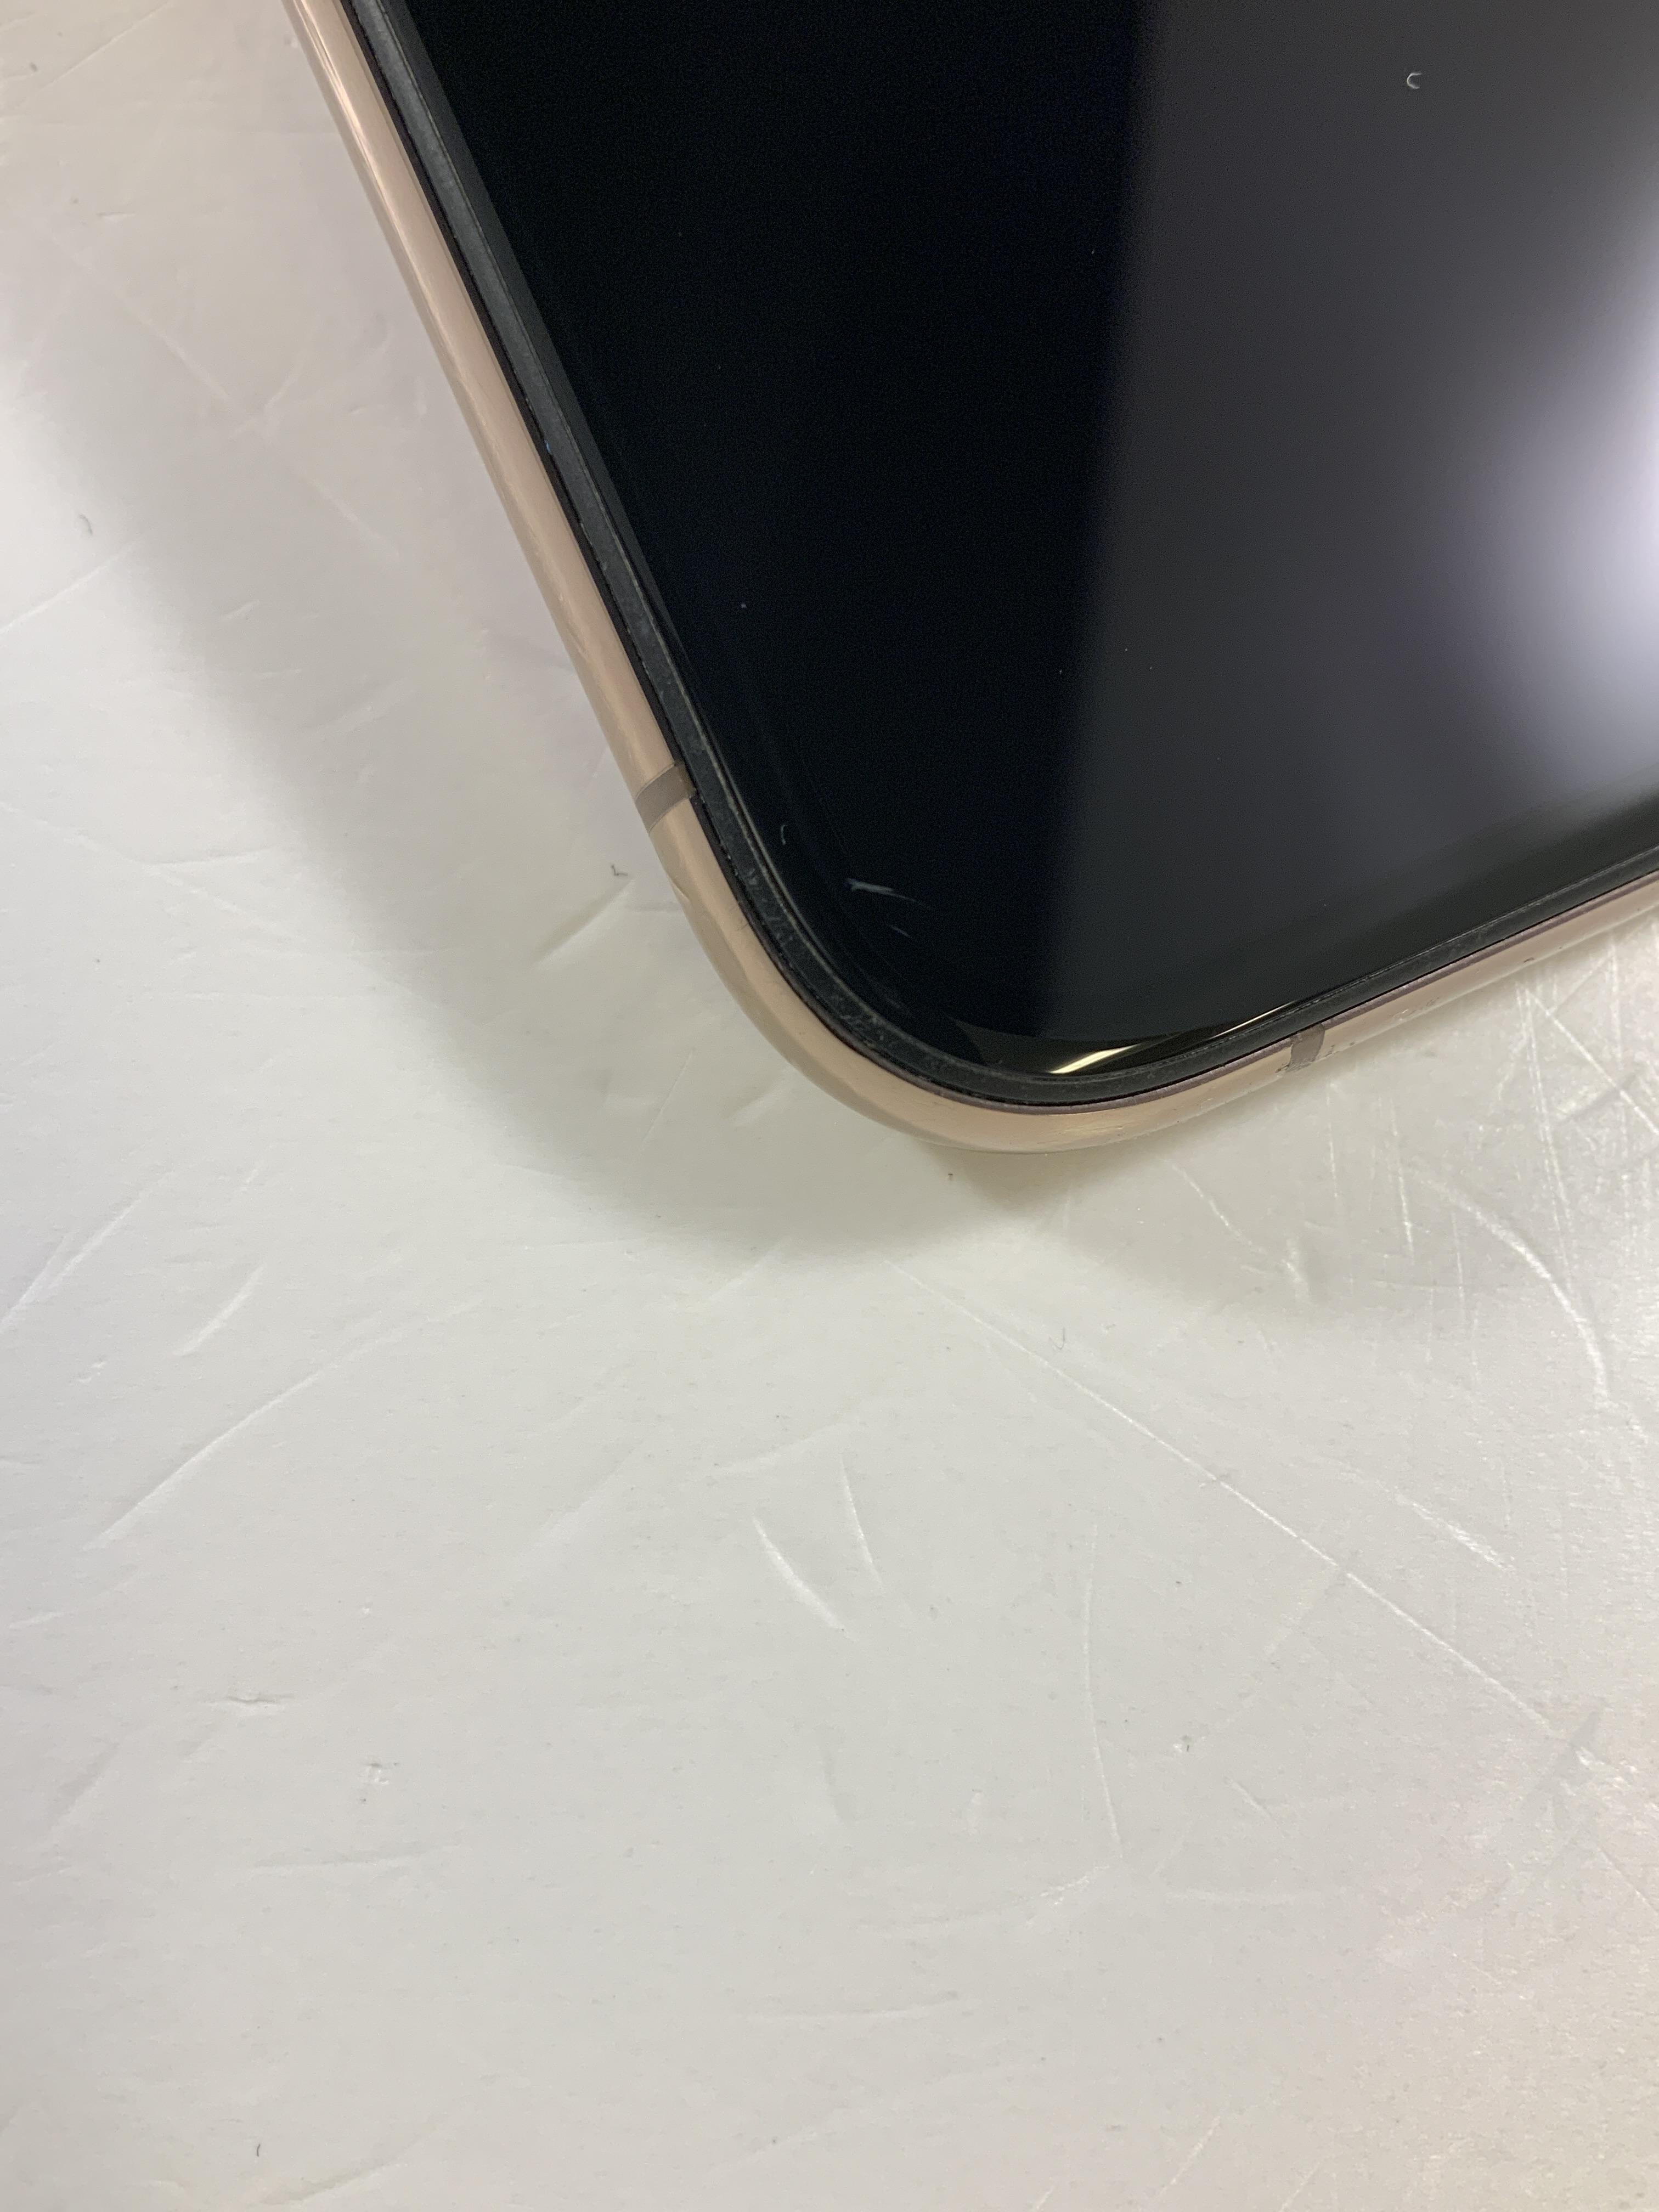 iPhone XS Max 64GB, 64GB, Gold, immagine 3